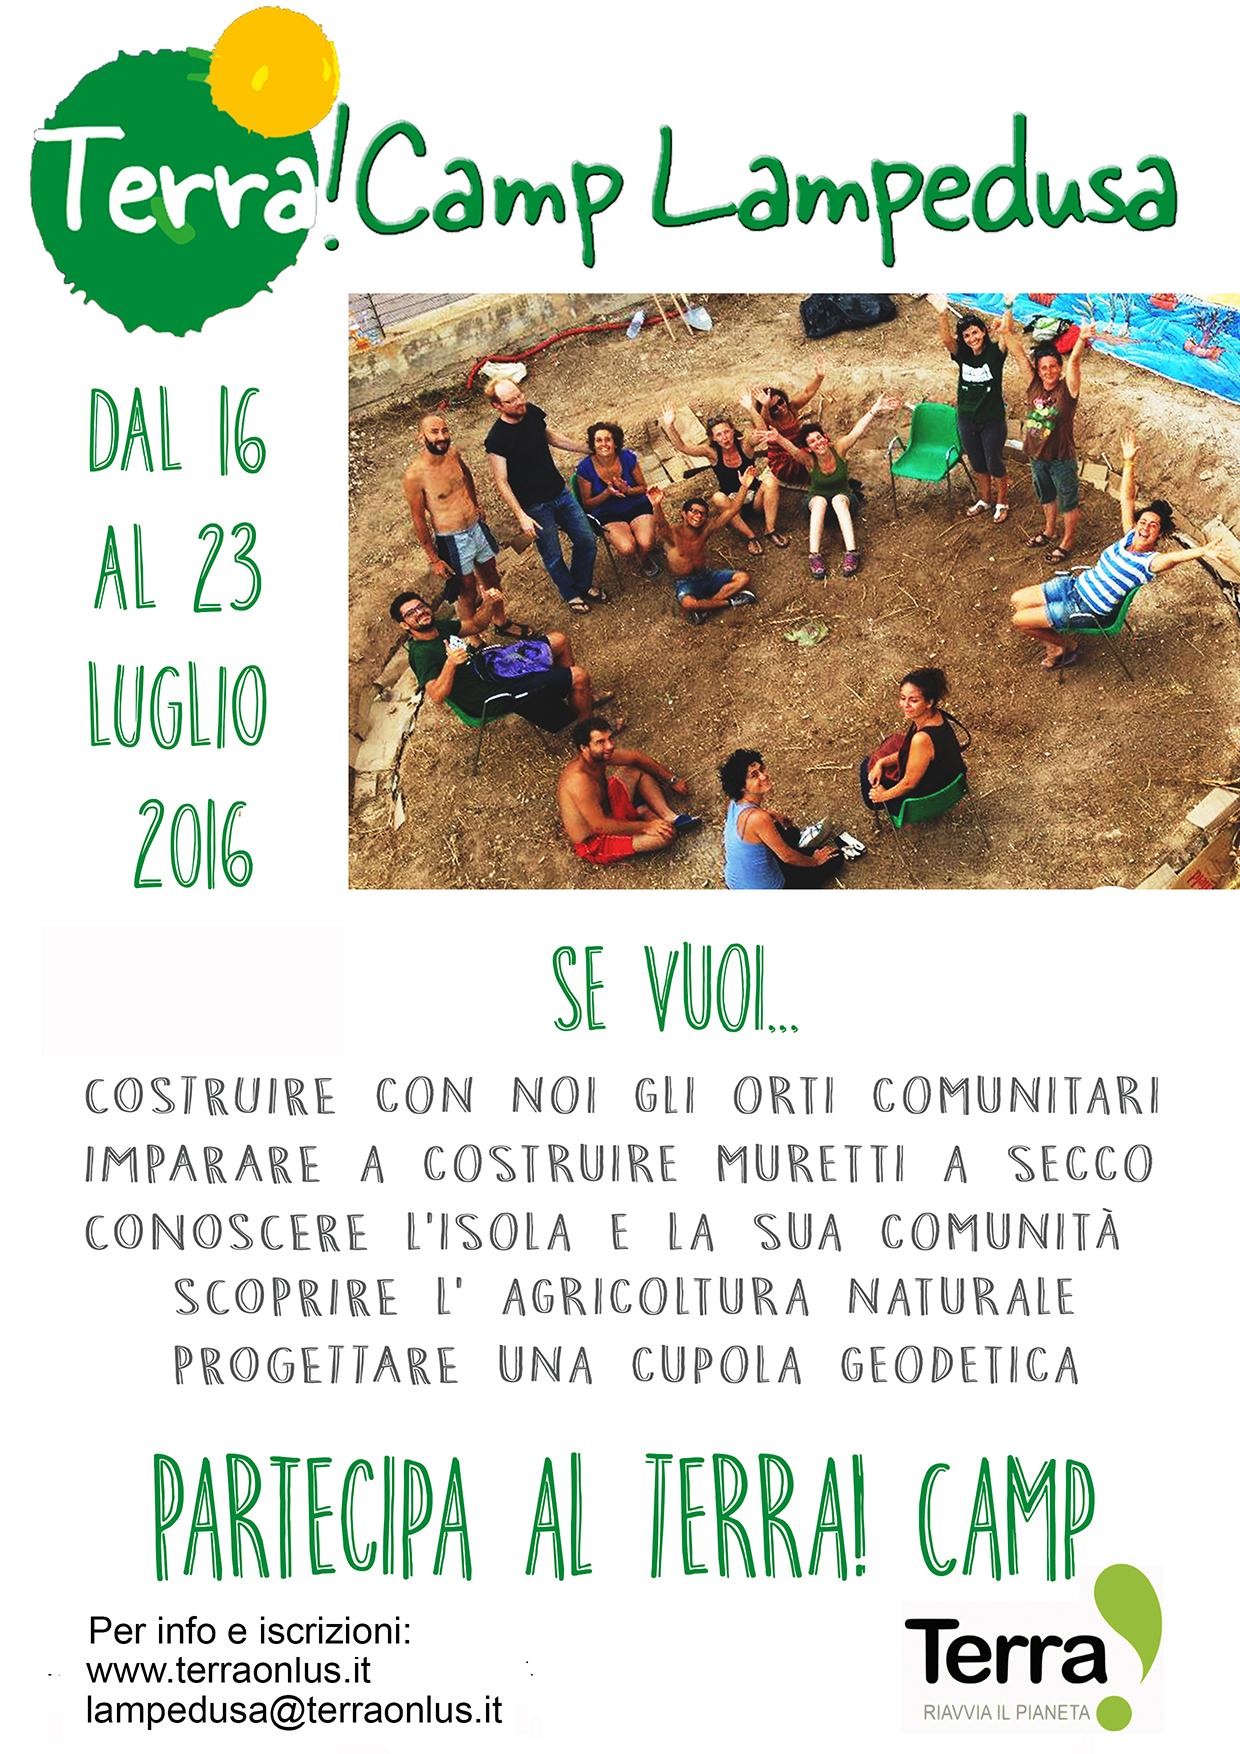 Terra!Camp a Lampedusa 2016